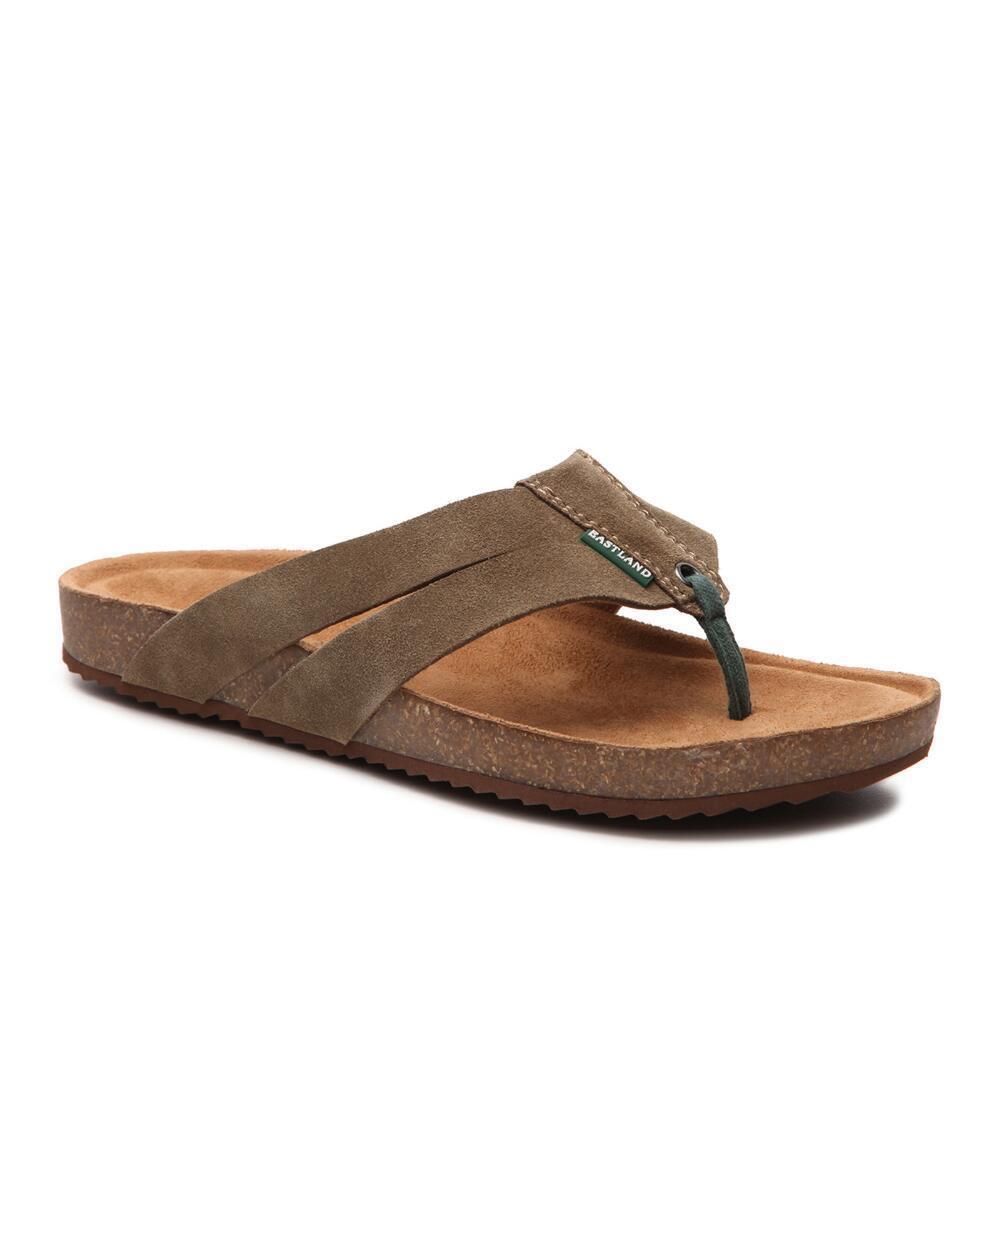 Eastland - NIB - Mens shoes Size 11 - Tristian Flip Flop Sandals